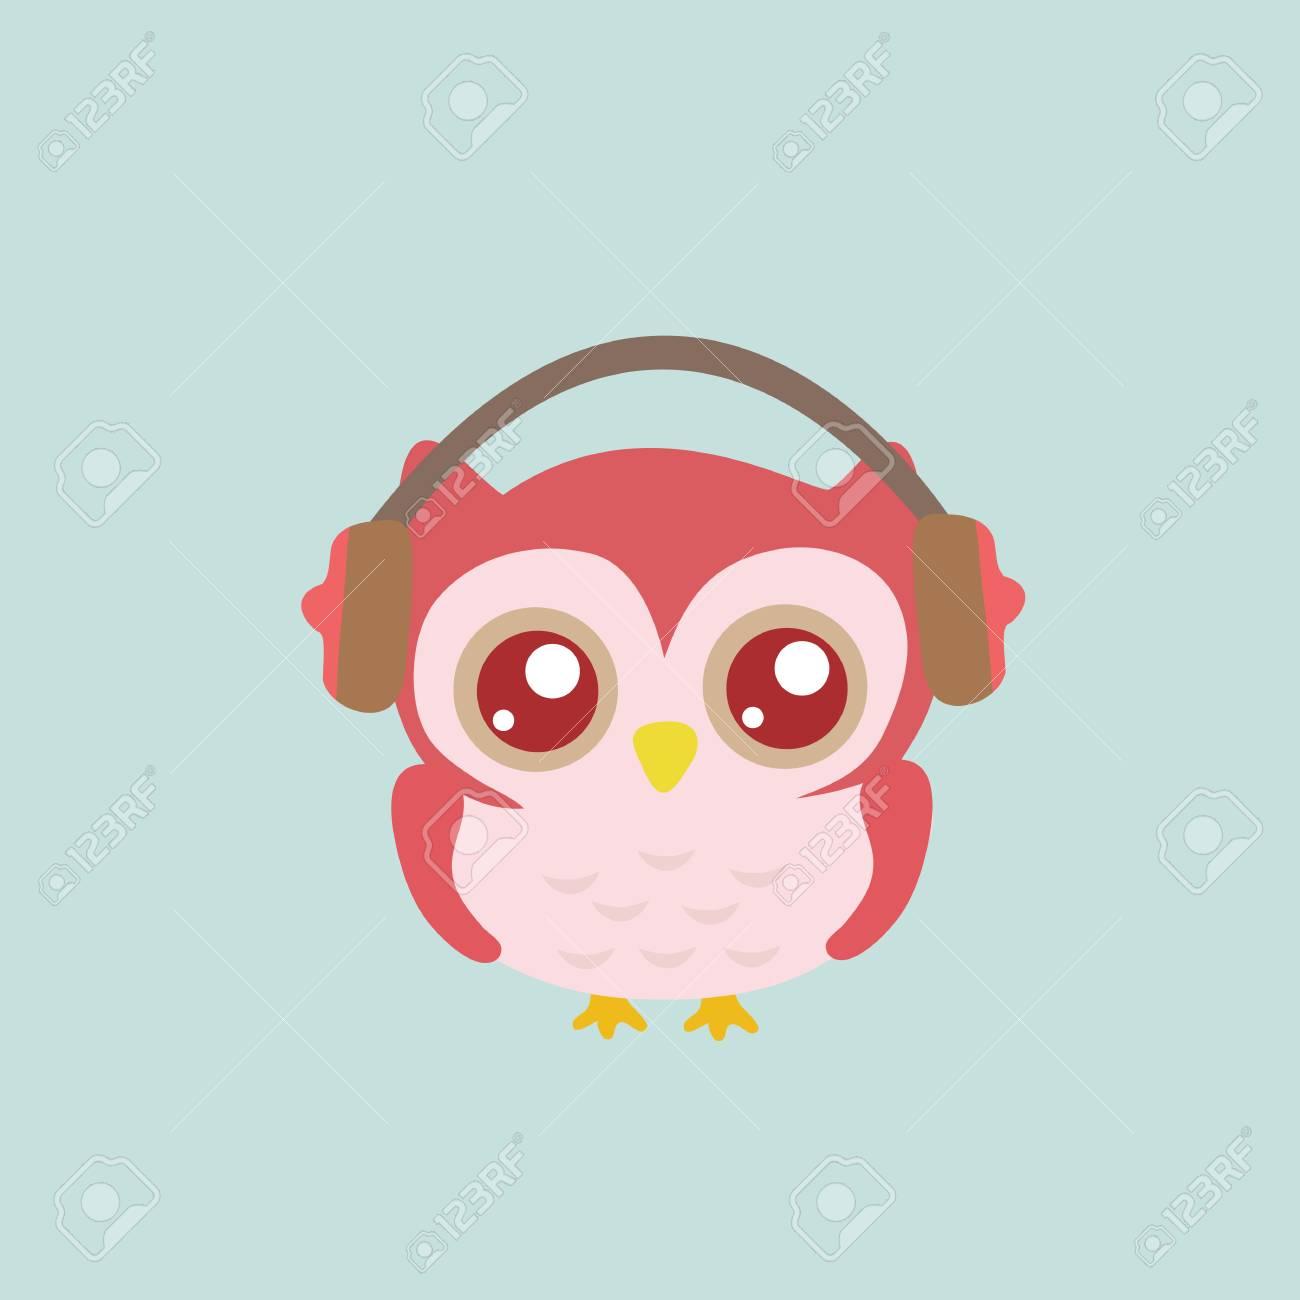 Owl wearing headphones. Stock Vector - 61203625 42451cc16173